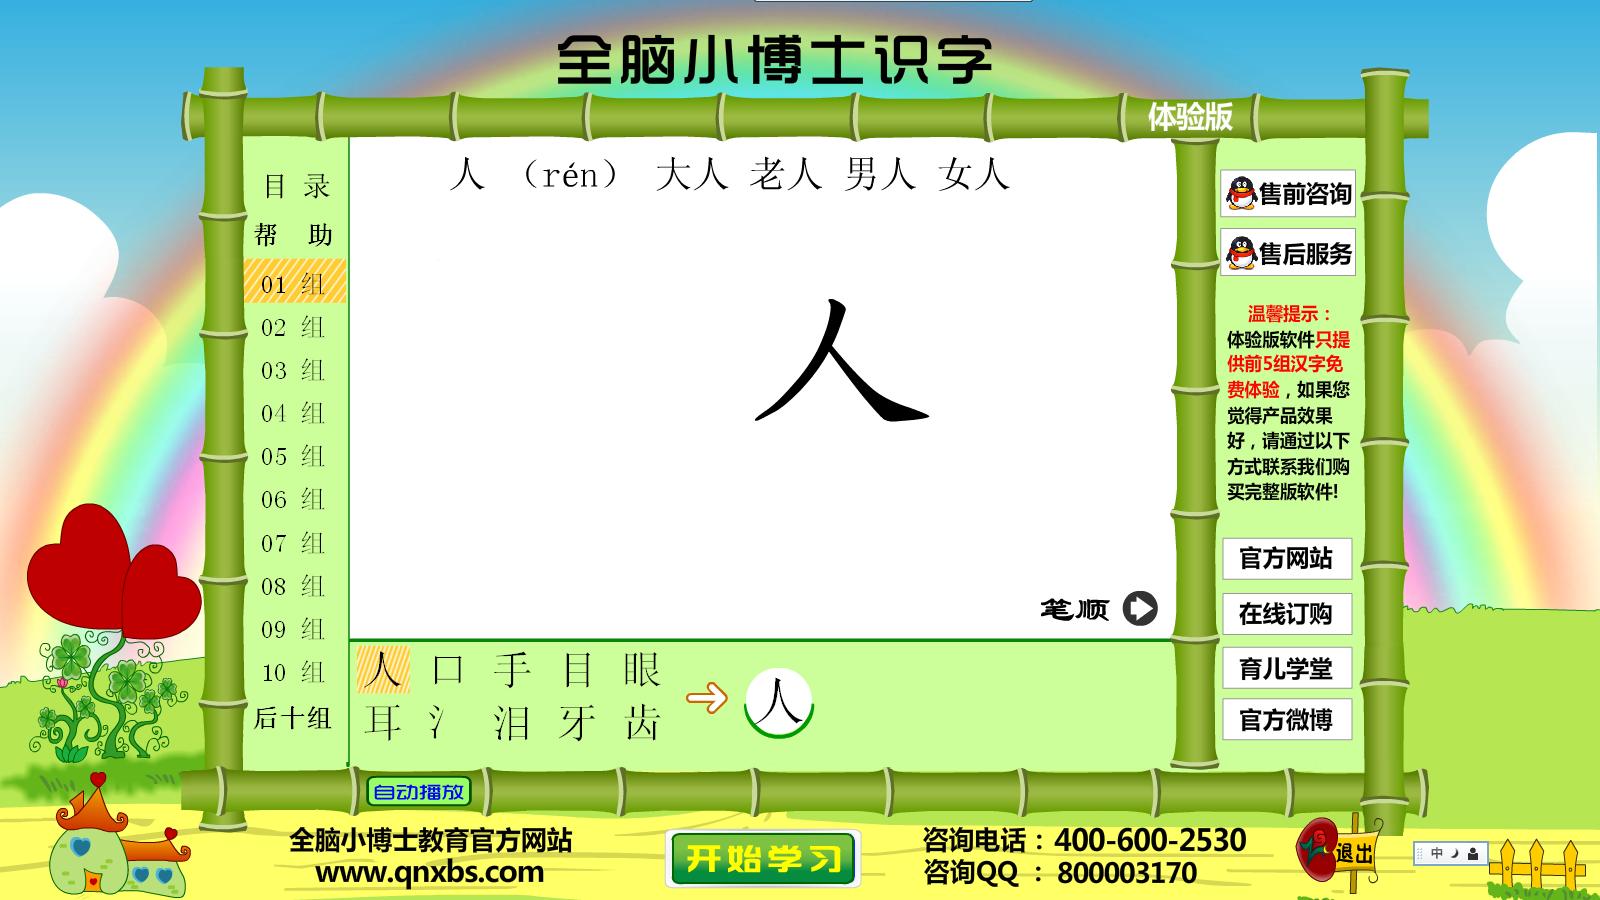 全脑小博士识字V5.0 绿色版截图1